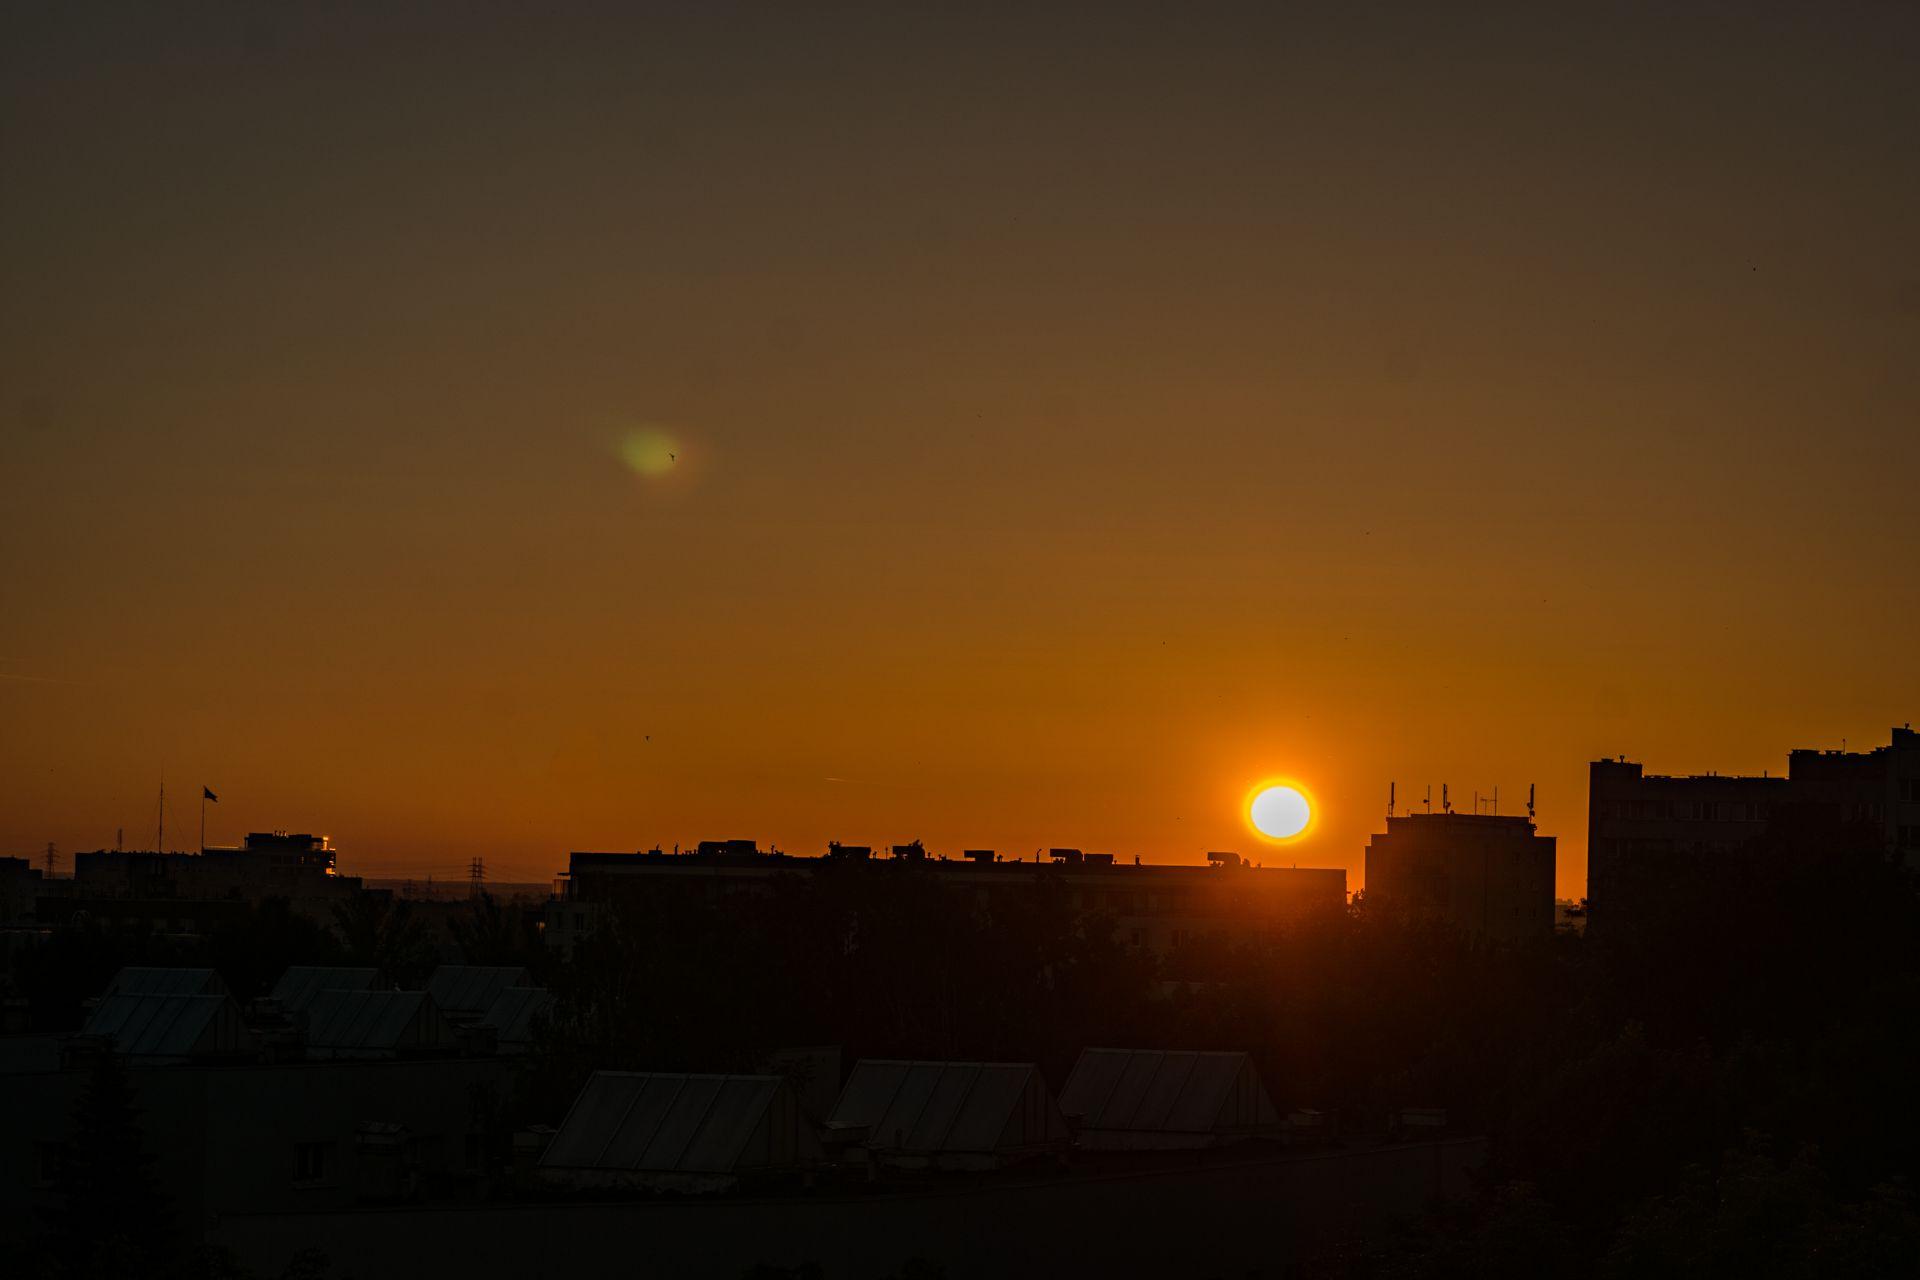 Prawdopodobnie nikogo niezachwycający (poza mną!) wschód słońca nadŻoliborzem